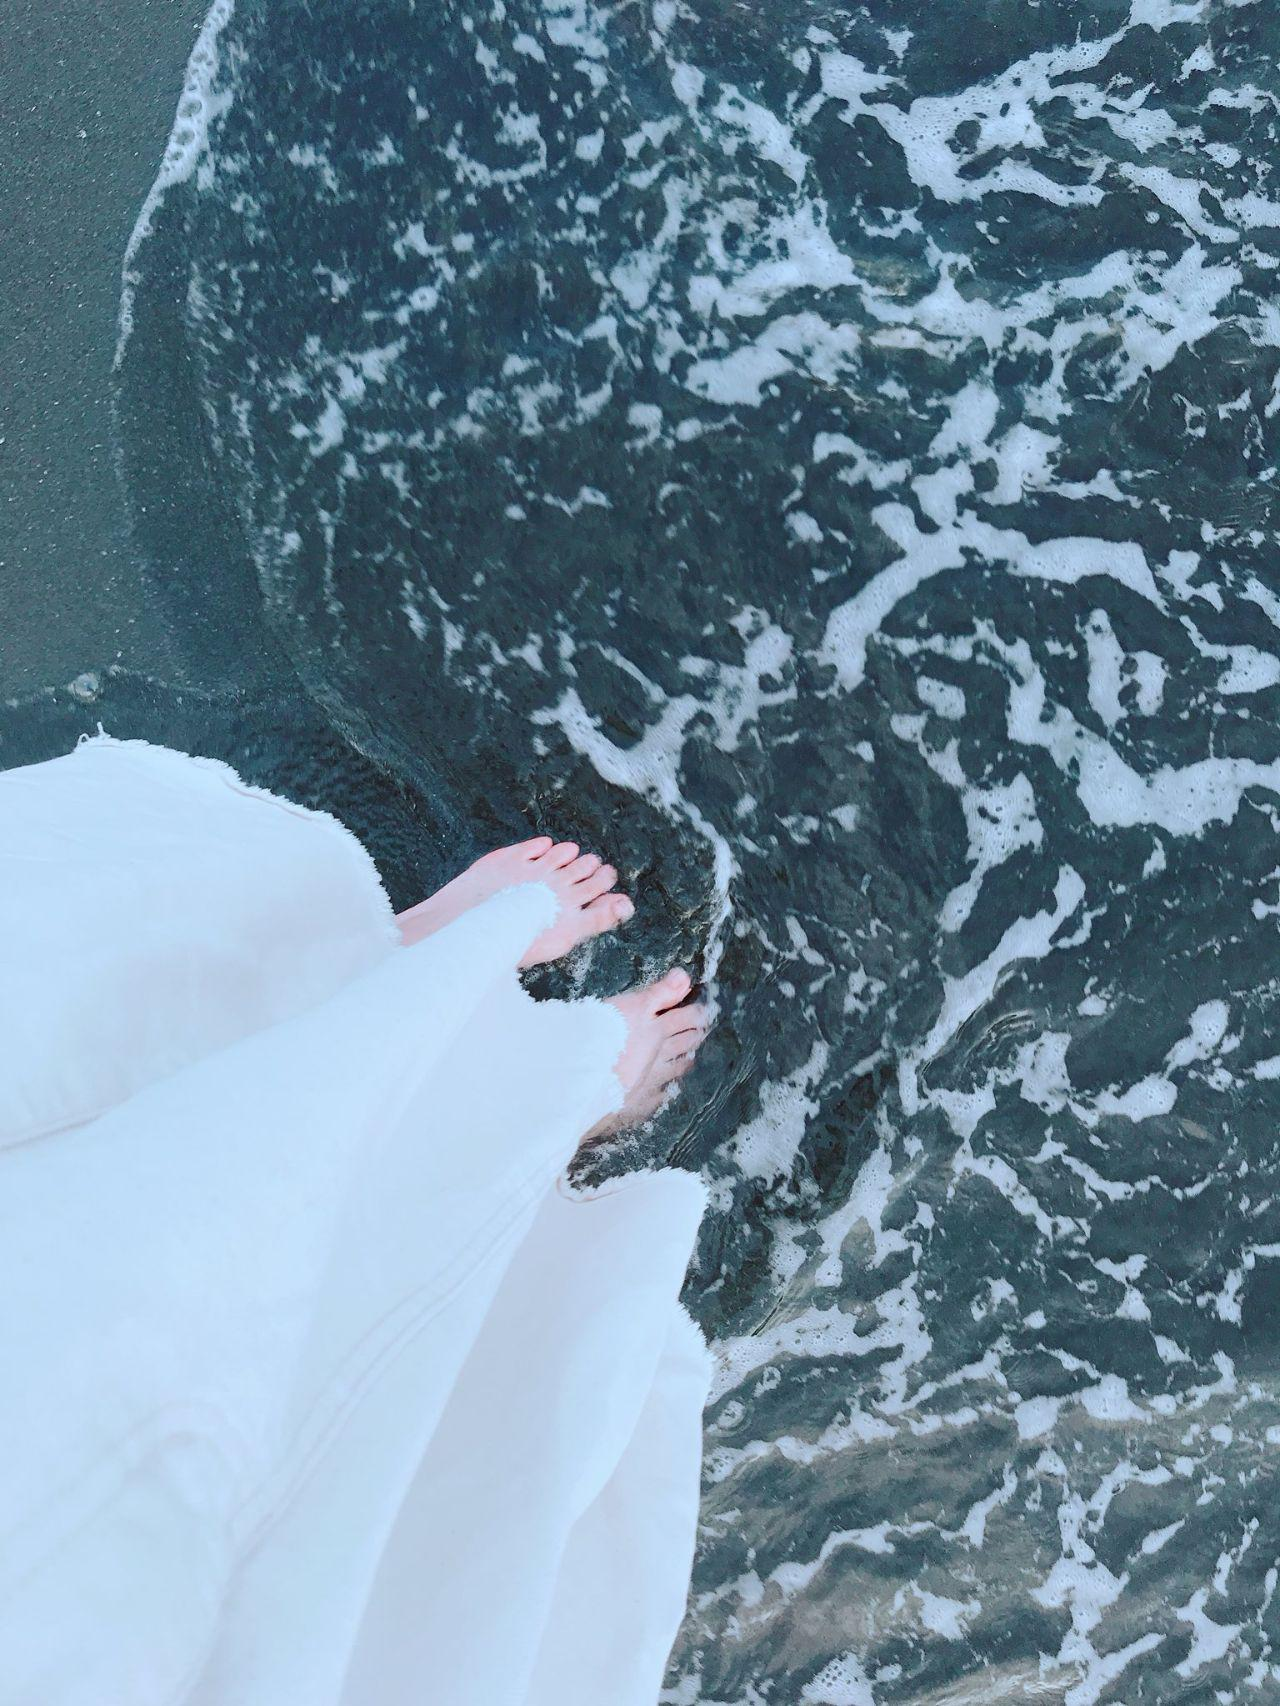 喜歡夏天穿著洋裝在沙灘玩水